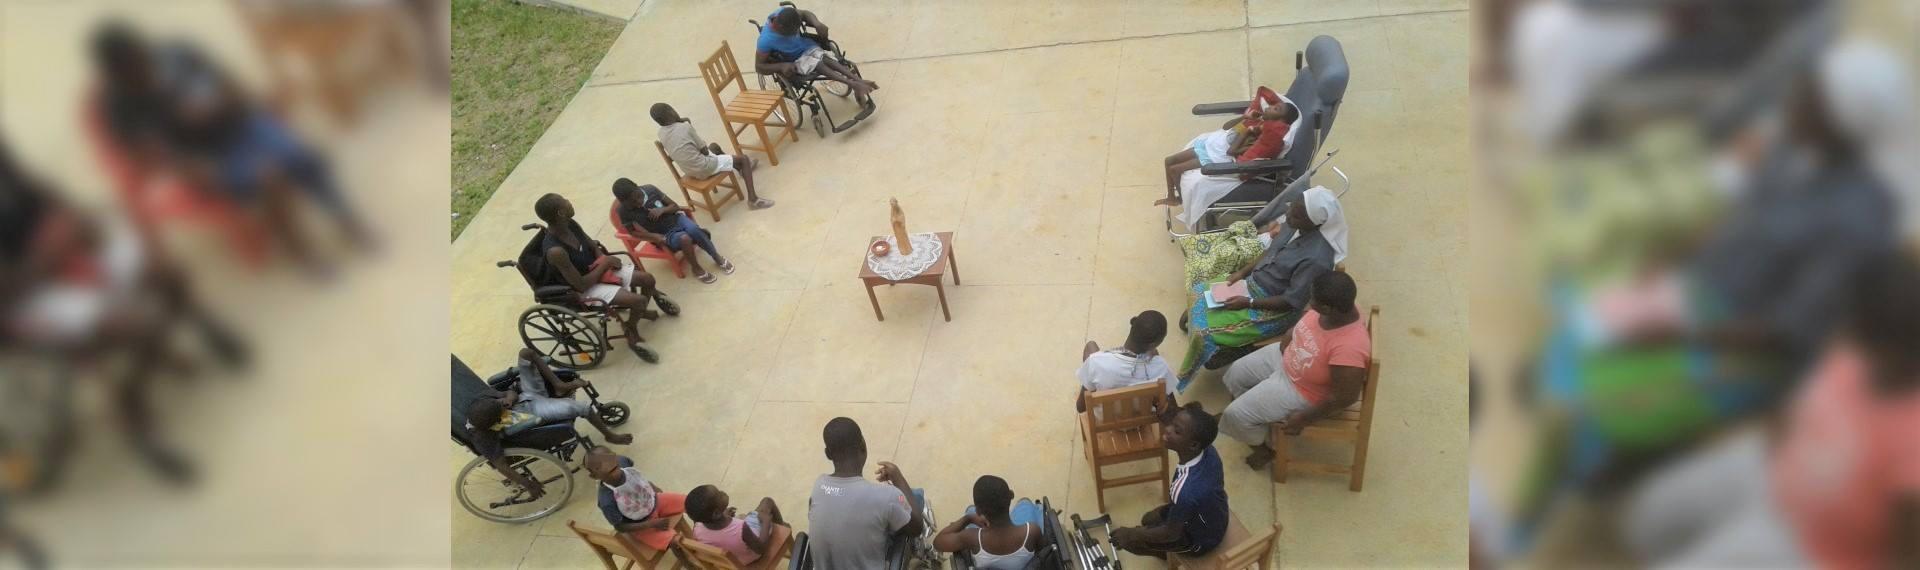 Insegnaci-a-pregare-Costa-avorio